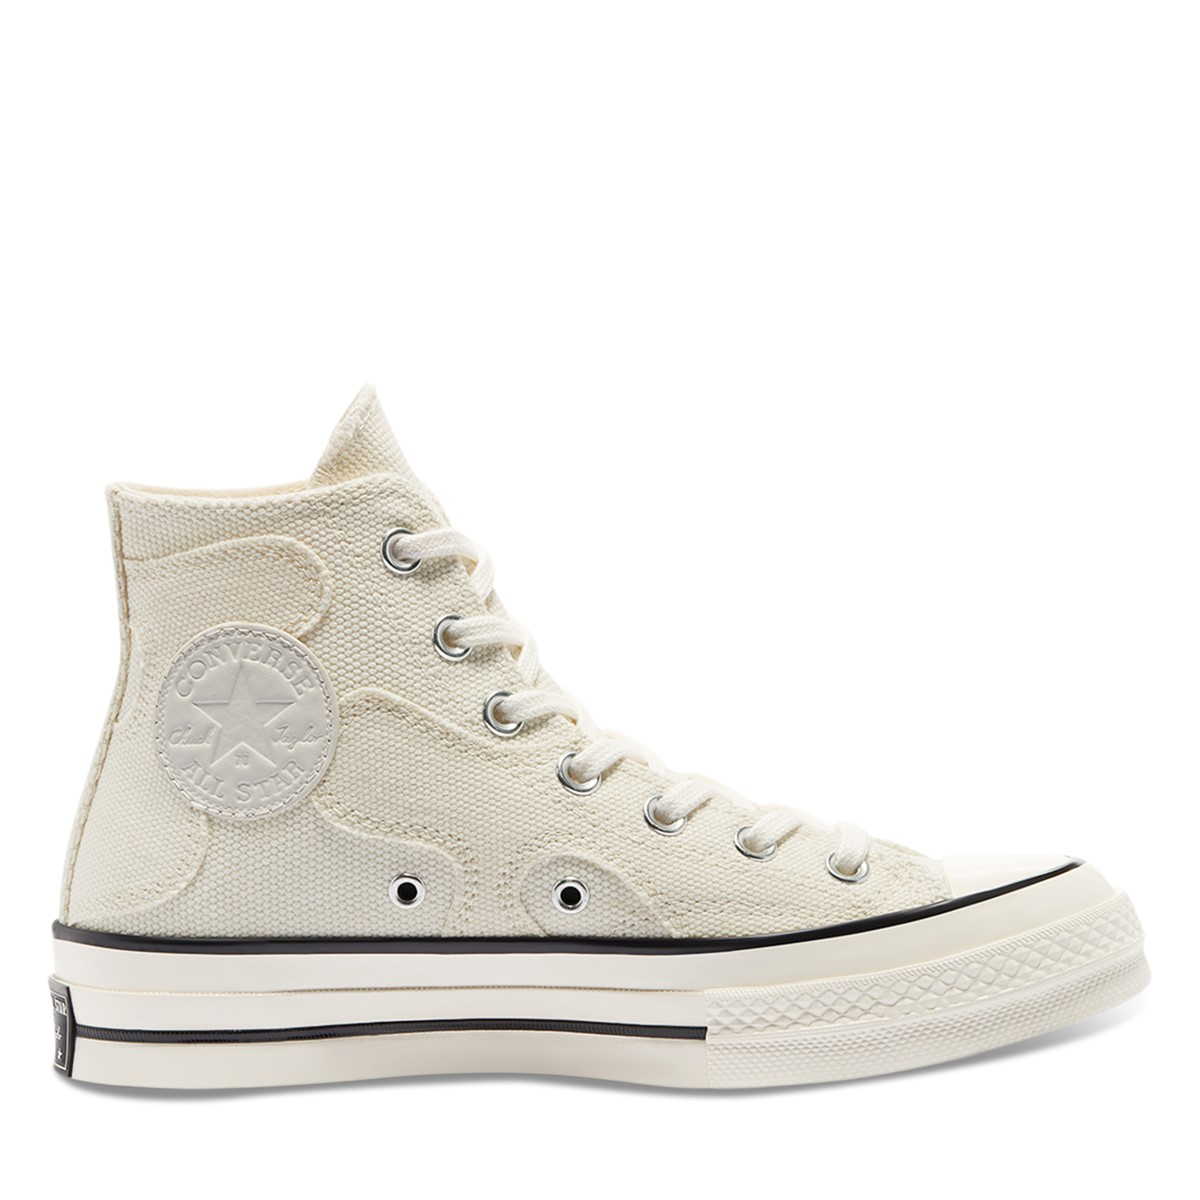 Women's Chuck 70 Hi Camo Sneakers in White